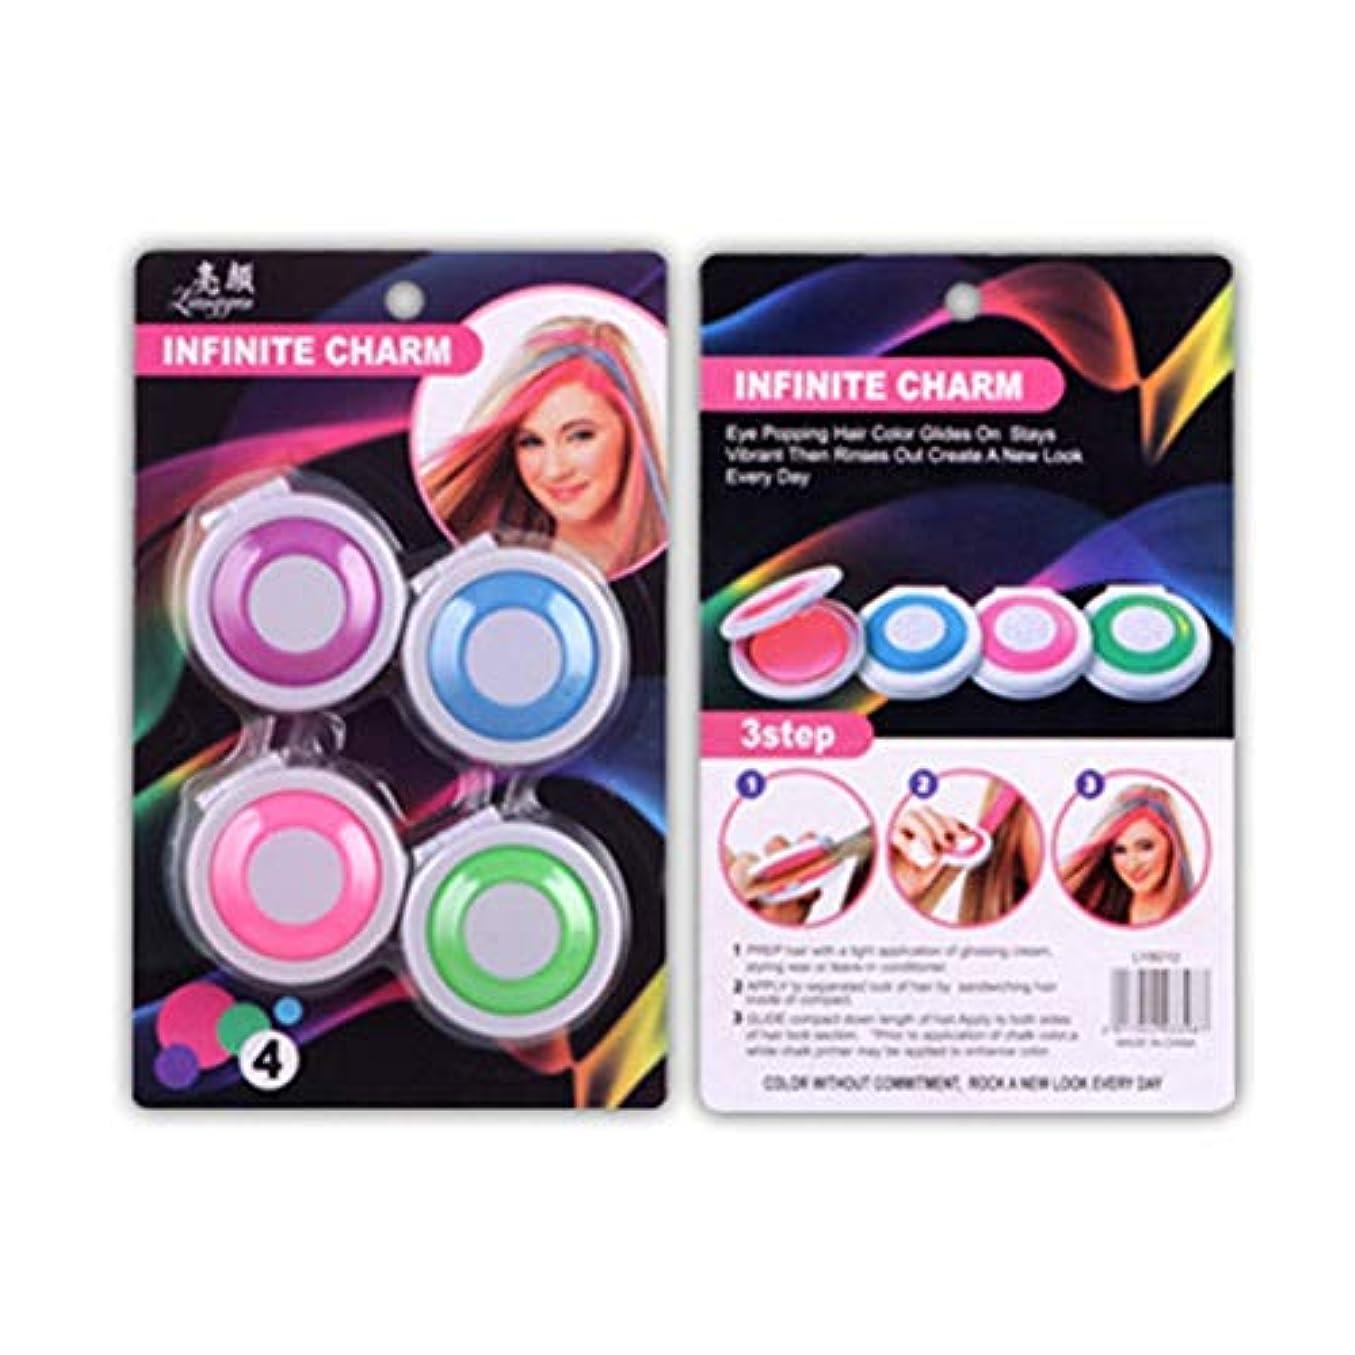 アラスカ休憩する代わりのヘアパウダー4色ファッションスタイリング染料ヘアパウダーヘアクリーム使い捨て着色染料パウダーヘアスタイリング製品